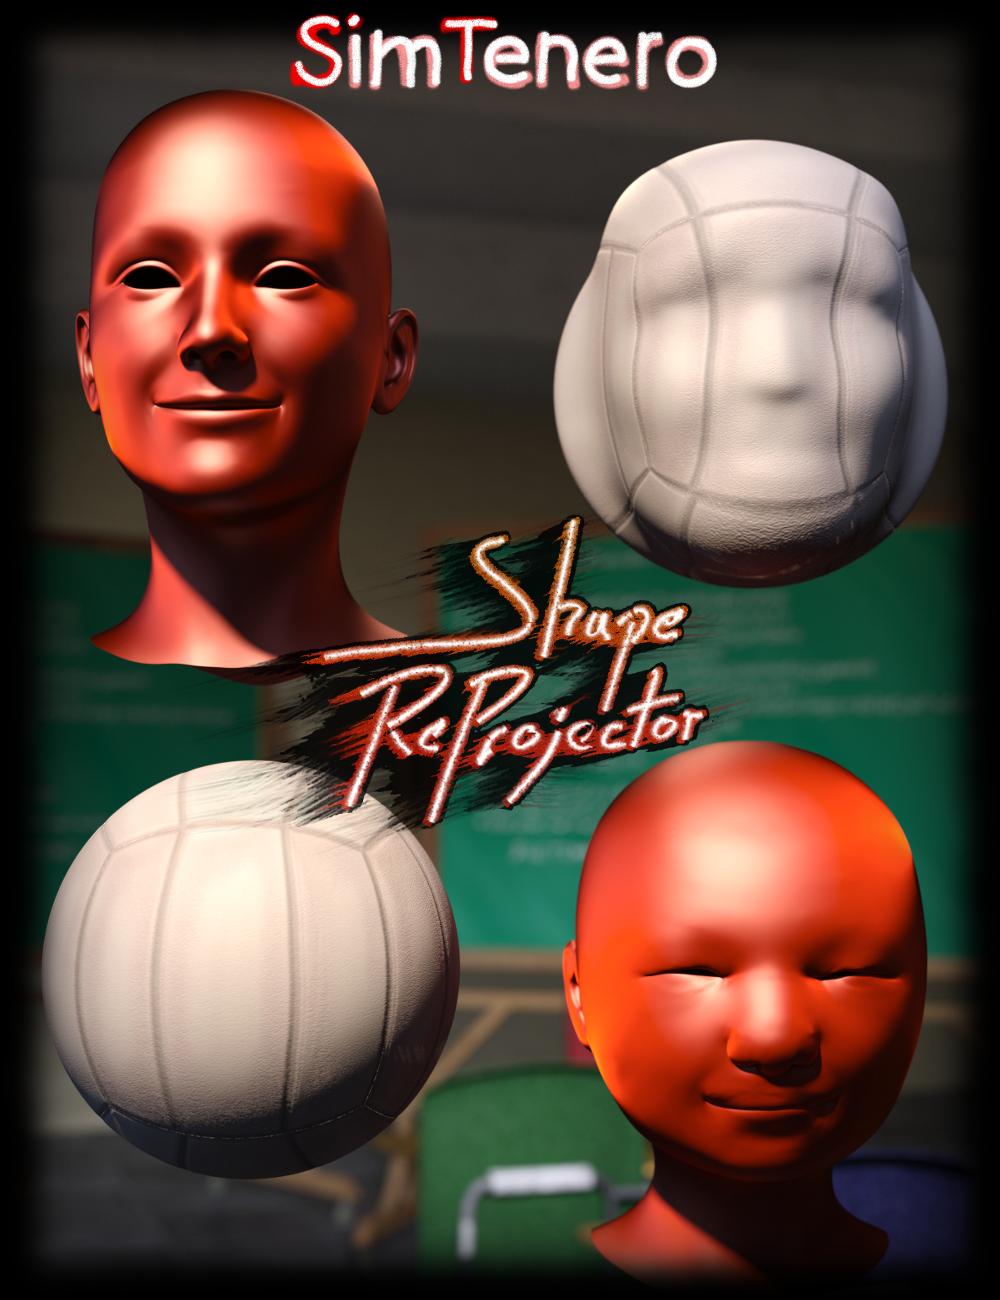 SimTenero Shape Reprojector by: SimTenero, 3D Models by Daz 3D